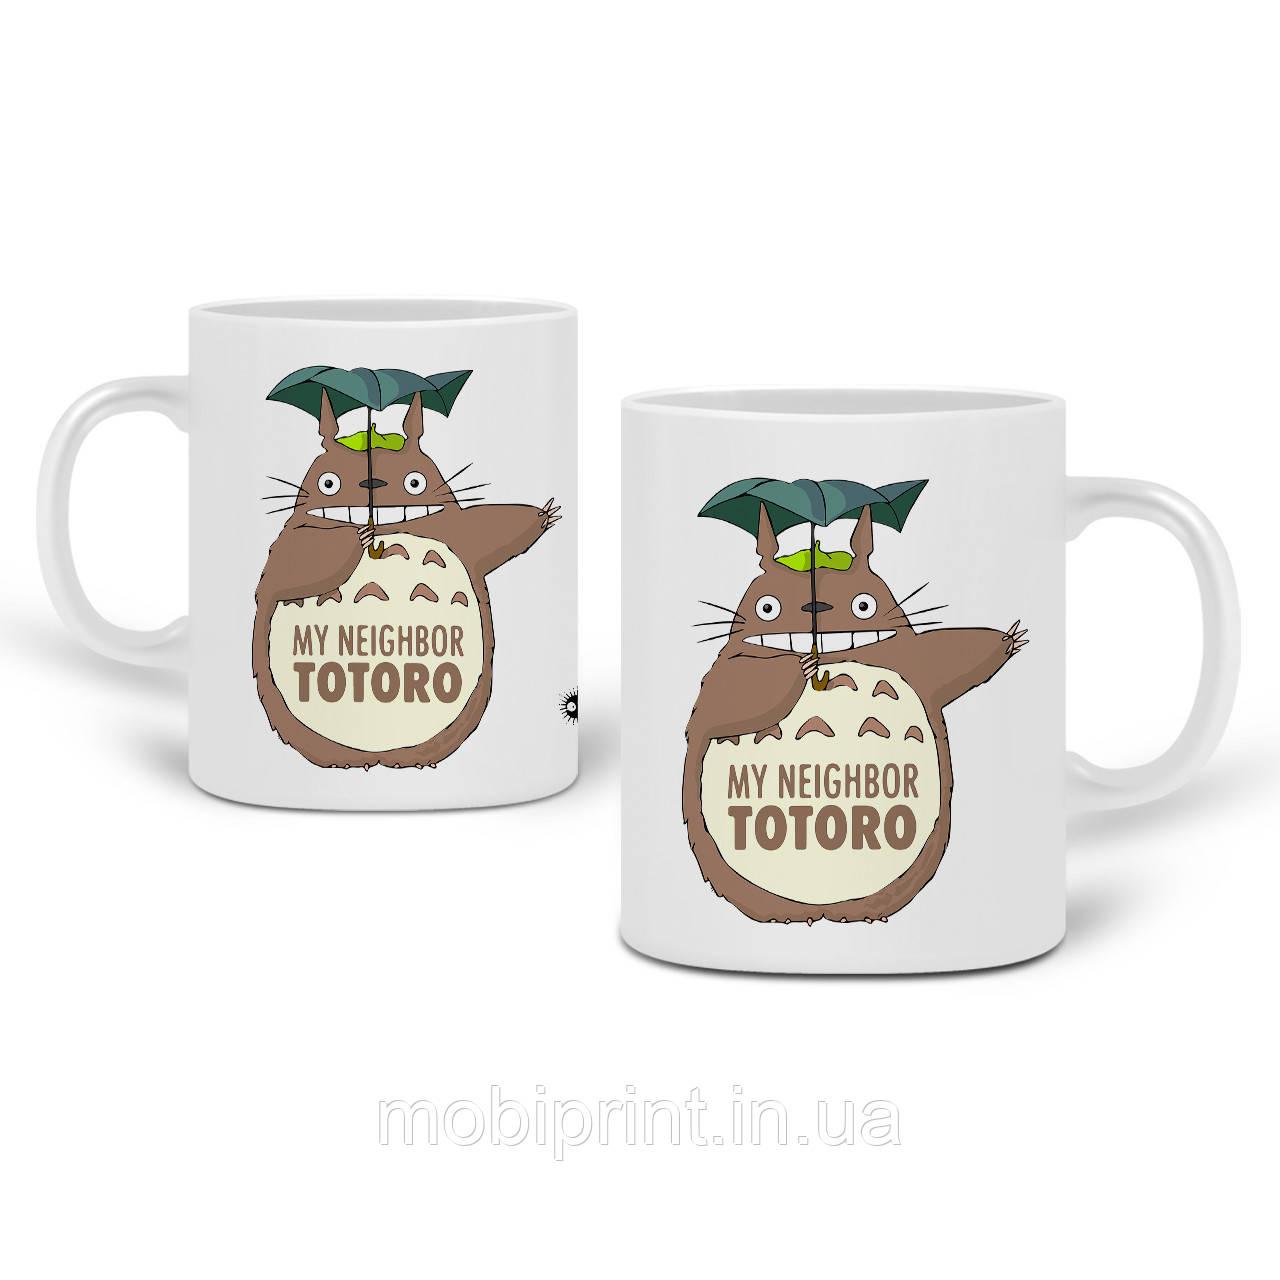 Кружка Мой сосед Тоторо (My Neighbor Totoro) 330 мл Чашка Керамическая (20259-2656)